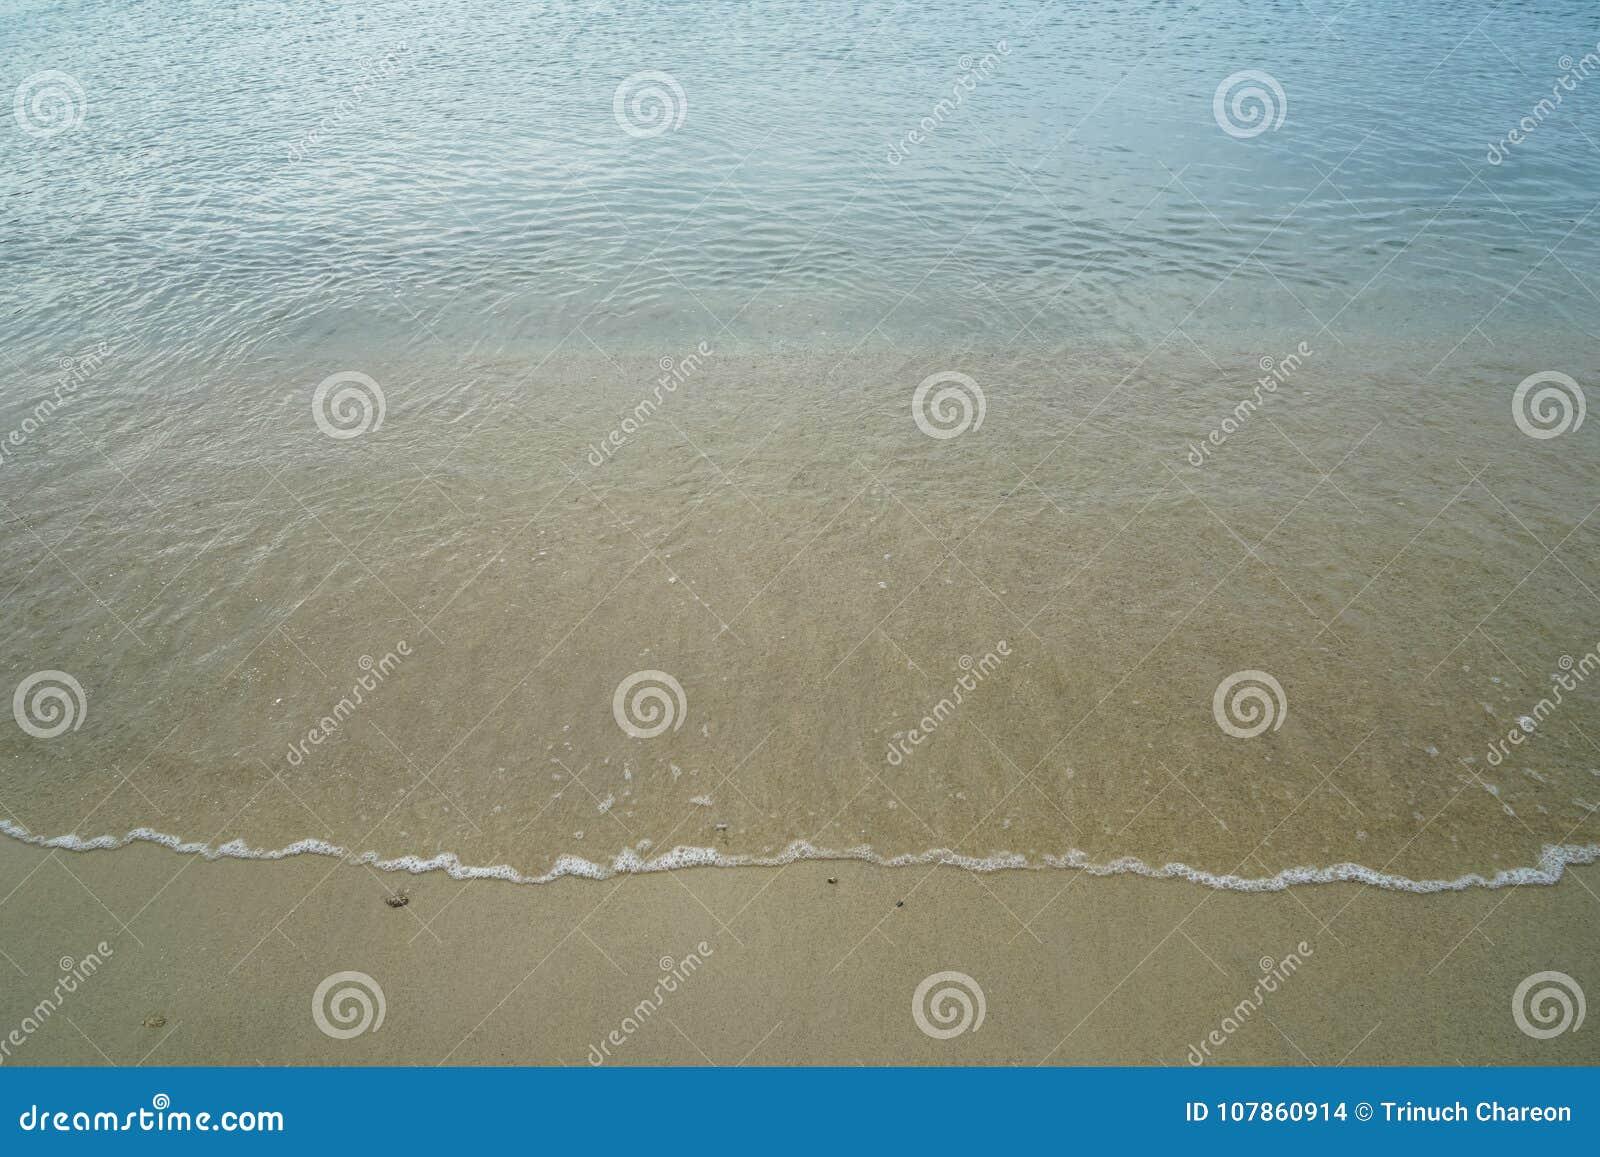 Den mjuka pastellfärgade rena sandiga stranden med nytt klart havsvatten och den vita skummande vågen fodrar bakgrund och copyspa